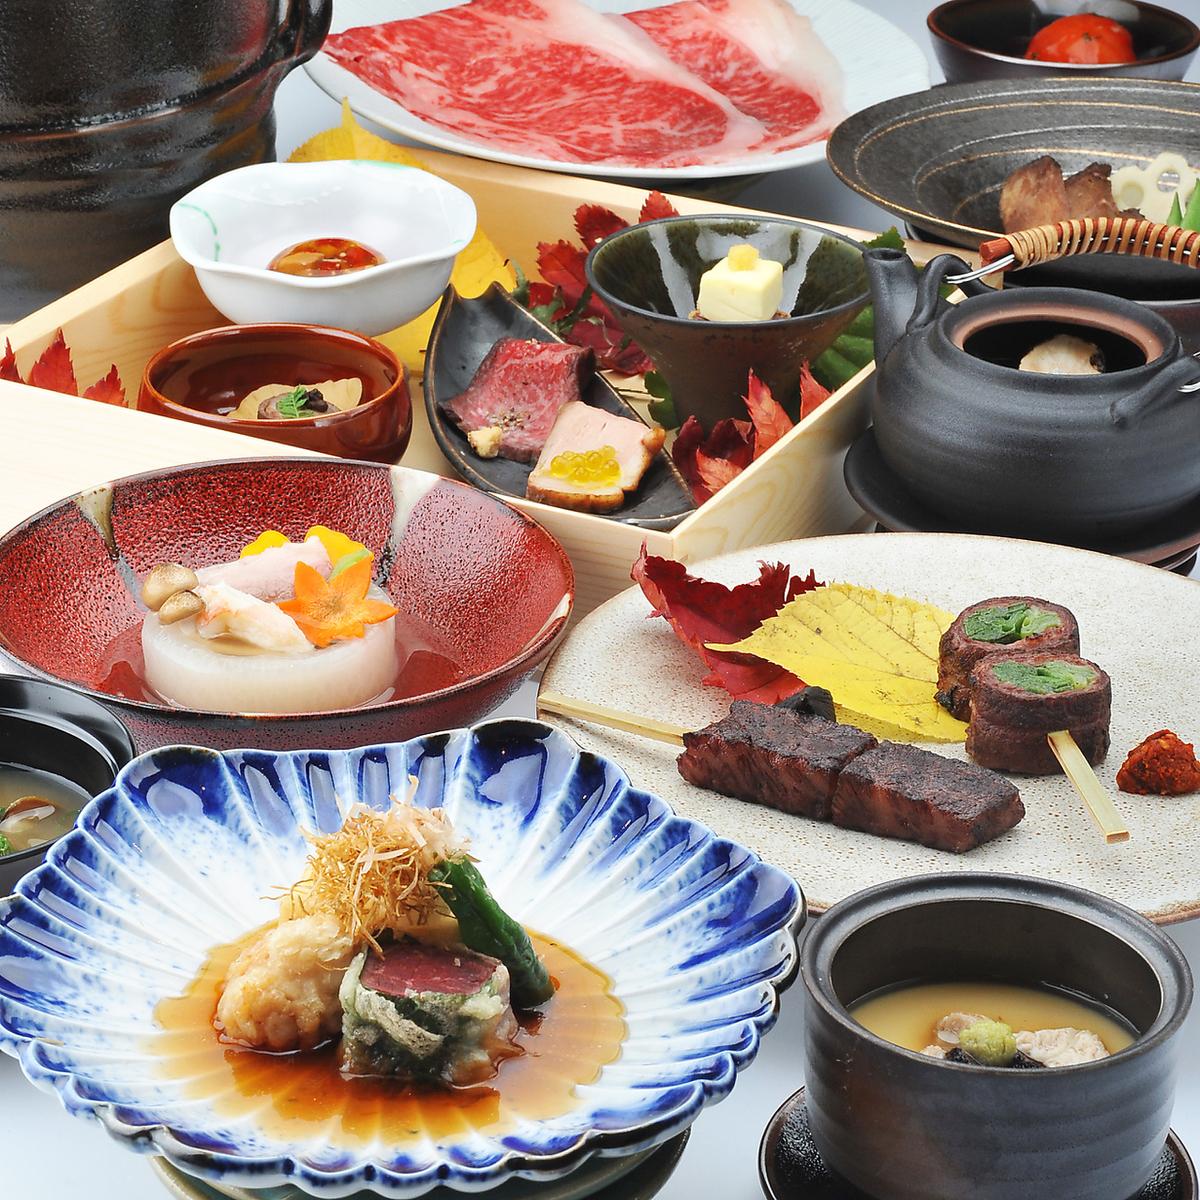 请享用制作肉类的怀石料理。